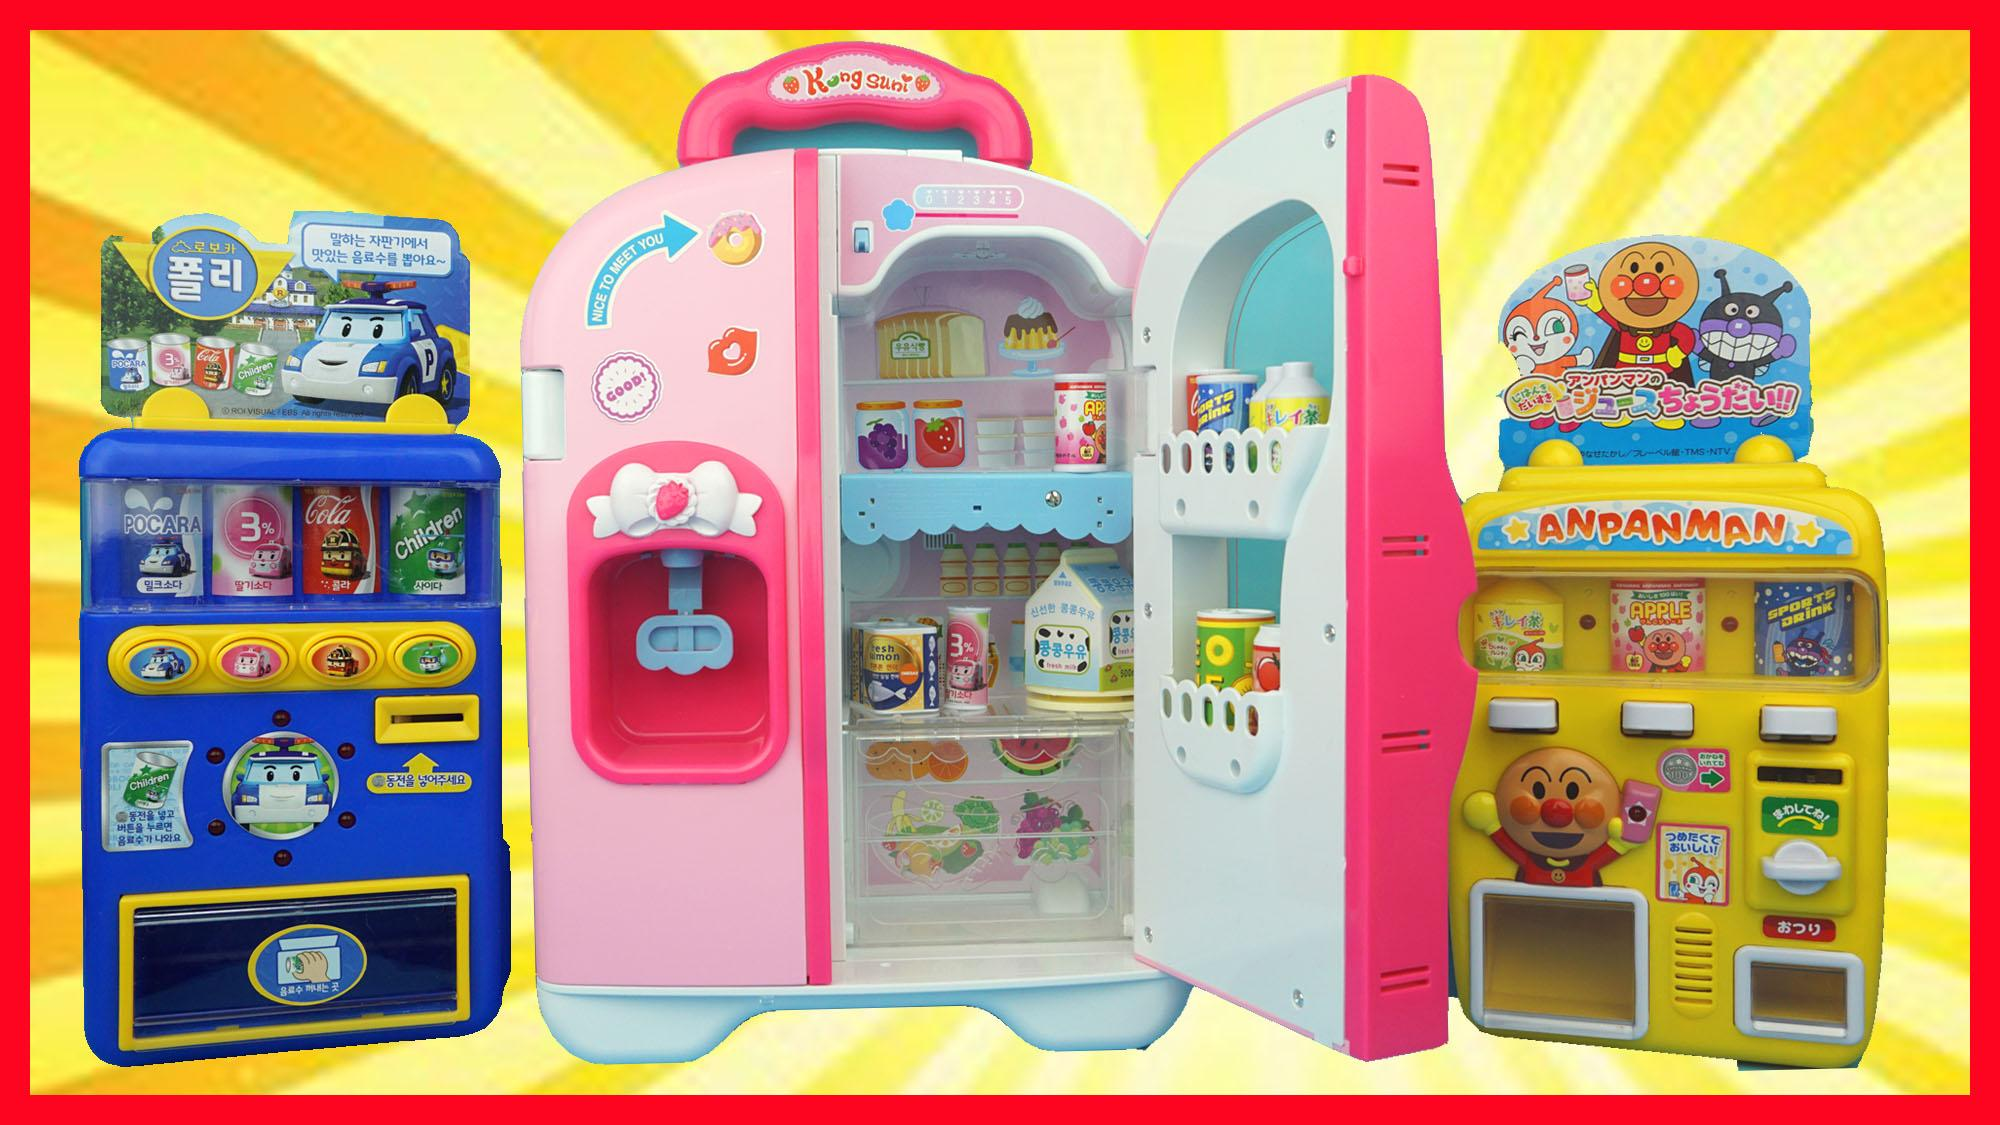 小猪佩奇与韩国玩具冰箱,变形警车珀利与面包超人自动售货机,冰雪.